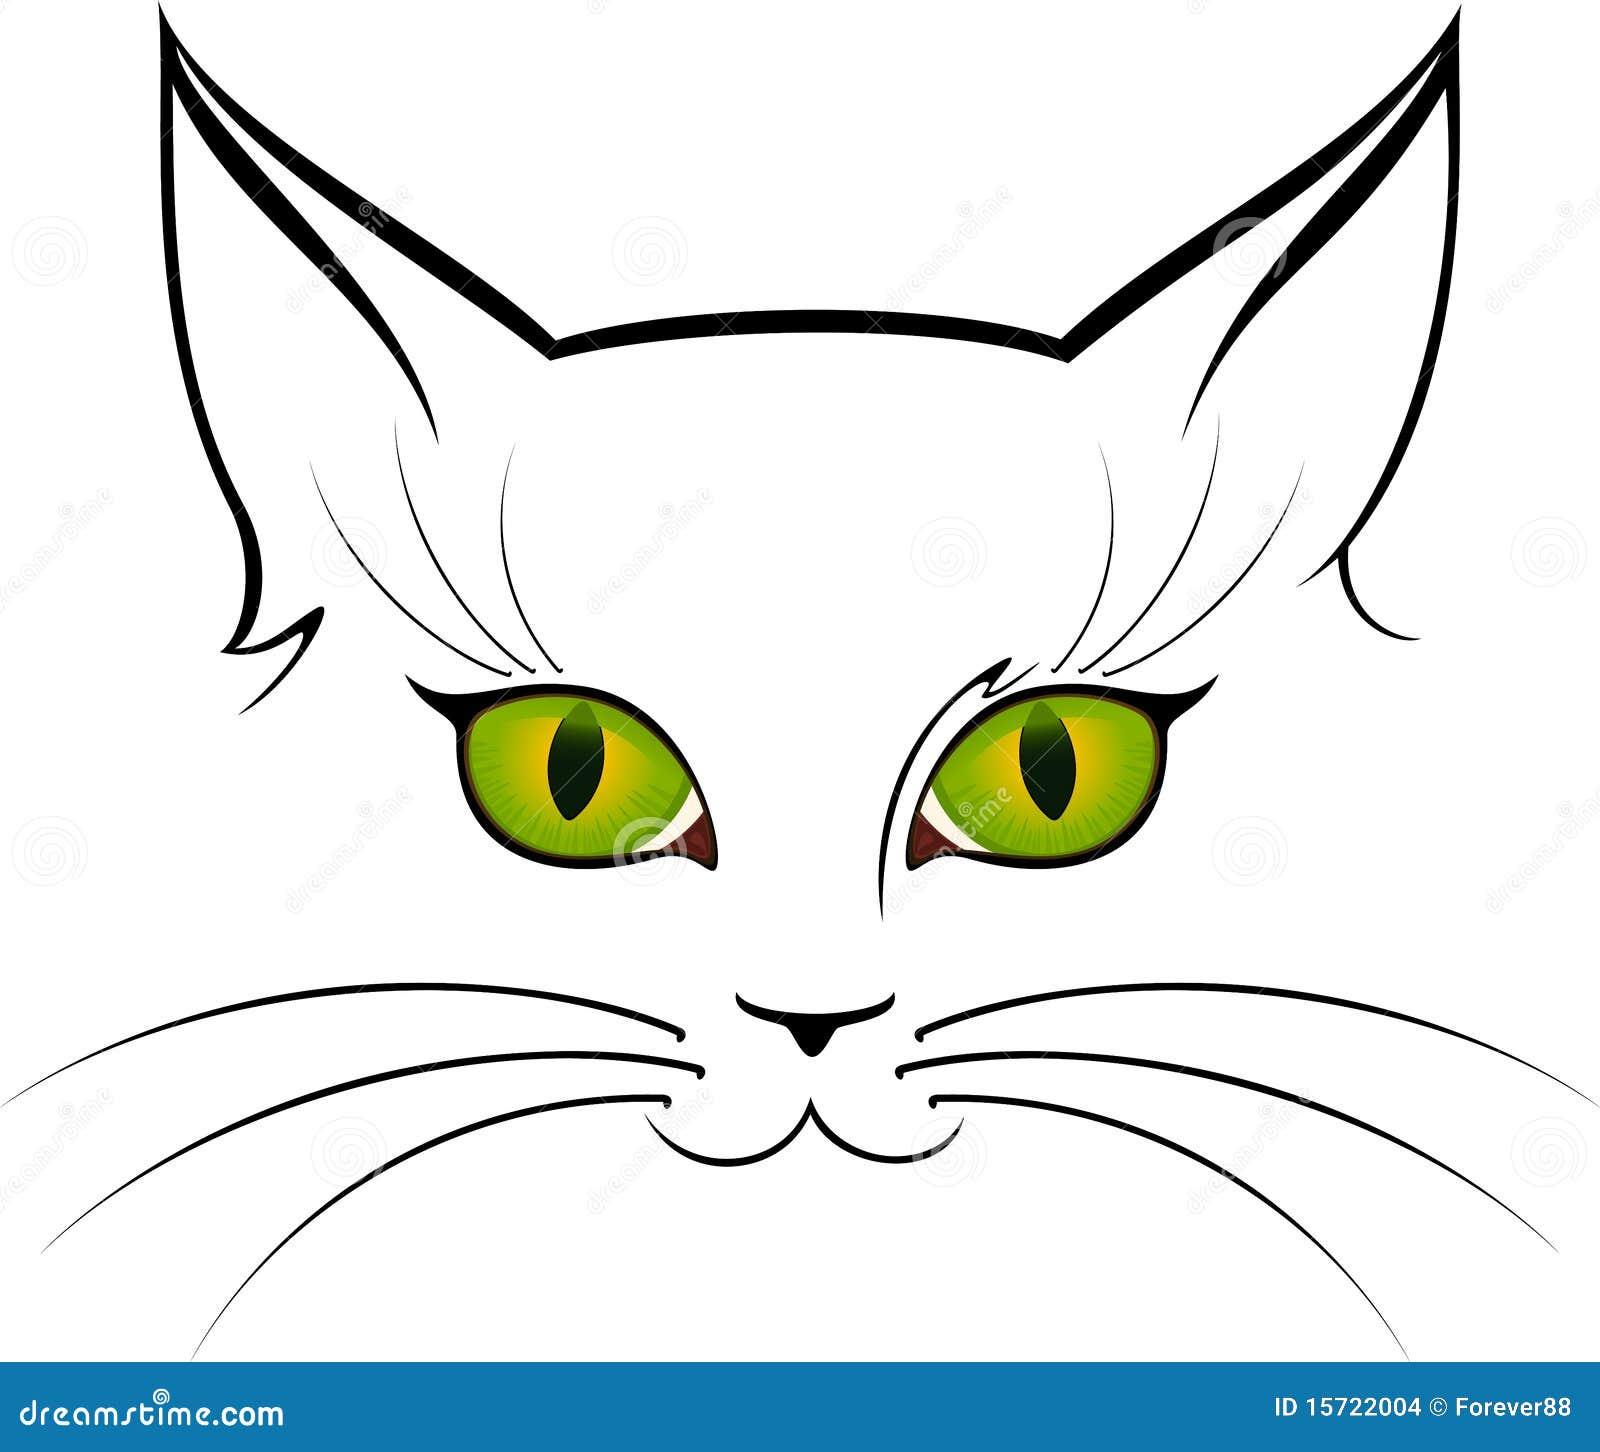 Immagine Degli Occhi Di Gatto Illustrazione Vettoriale